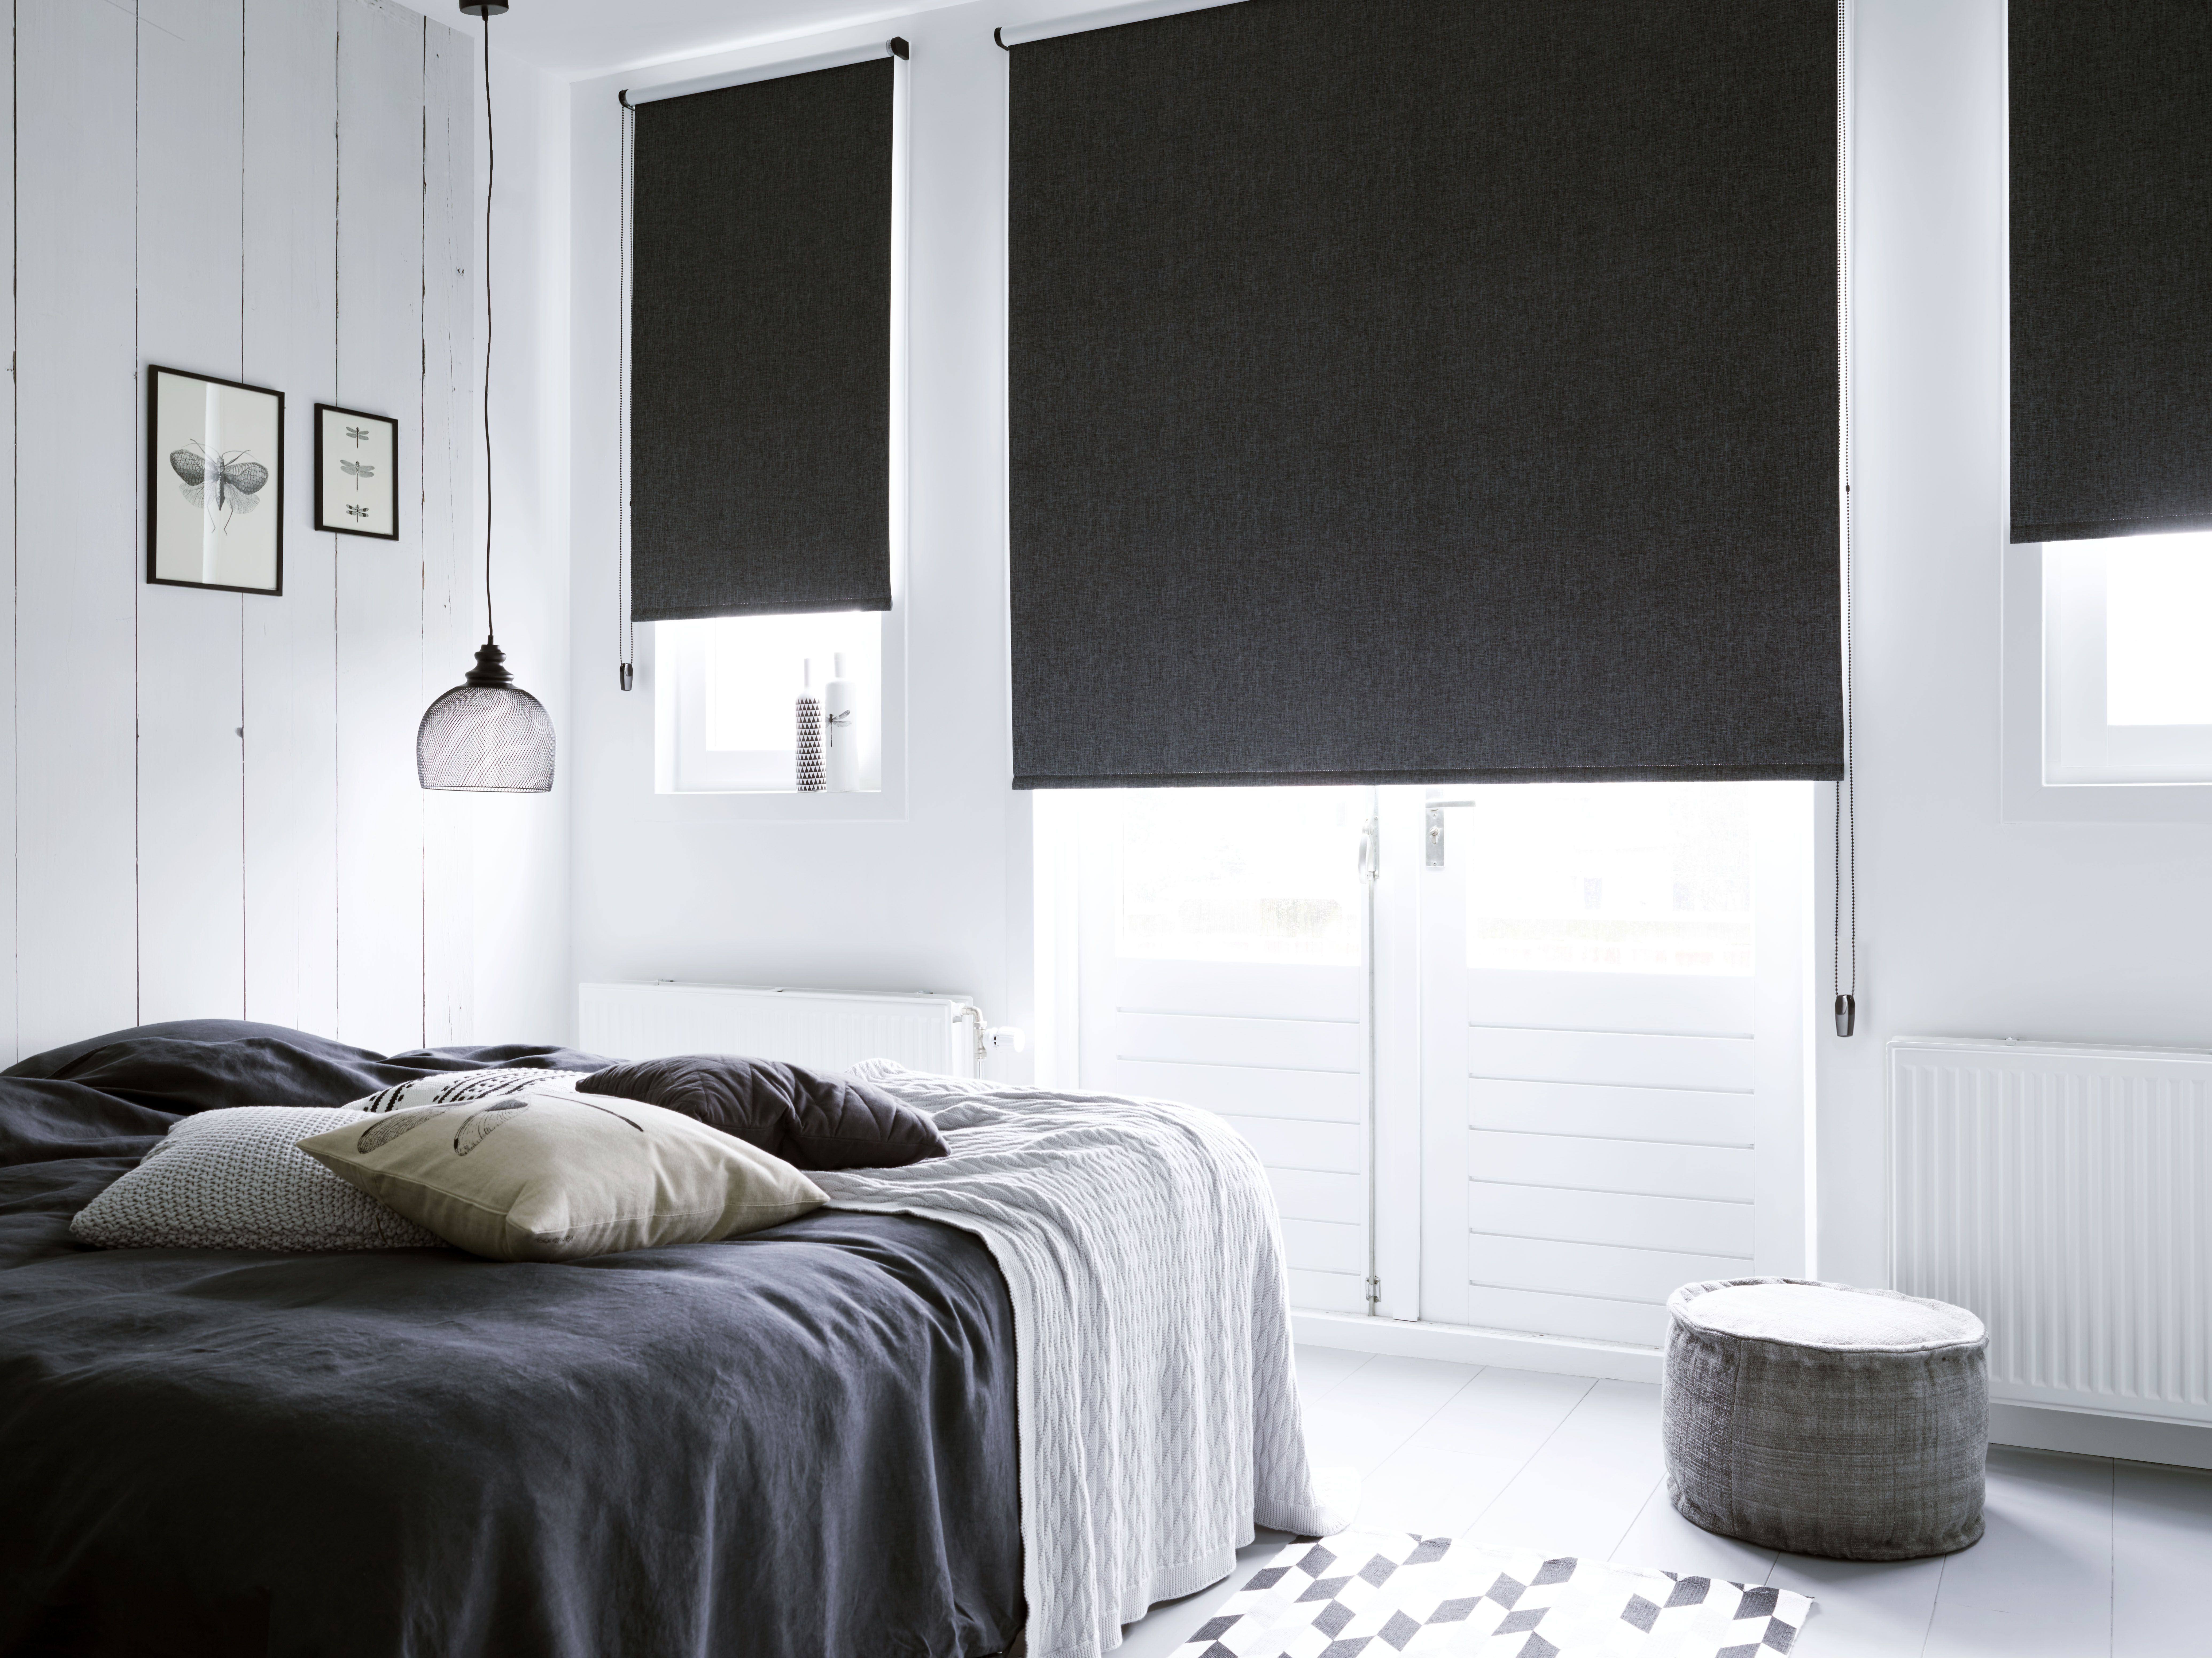 Rolgordijnen Slaapkamer 10 : Verduister de slaapkamer met rolgordijnen zwart rolgordijn